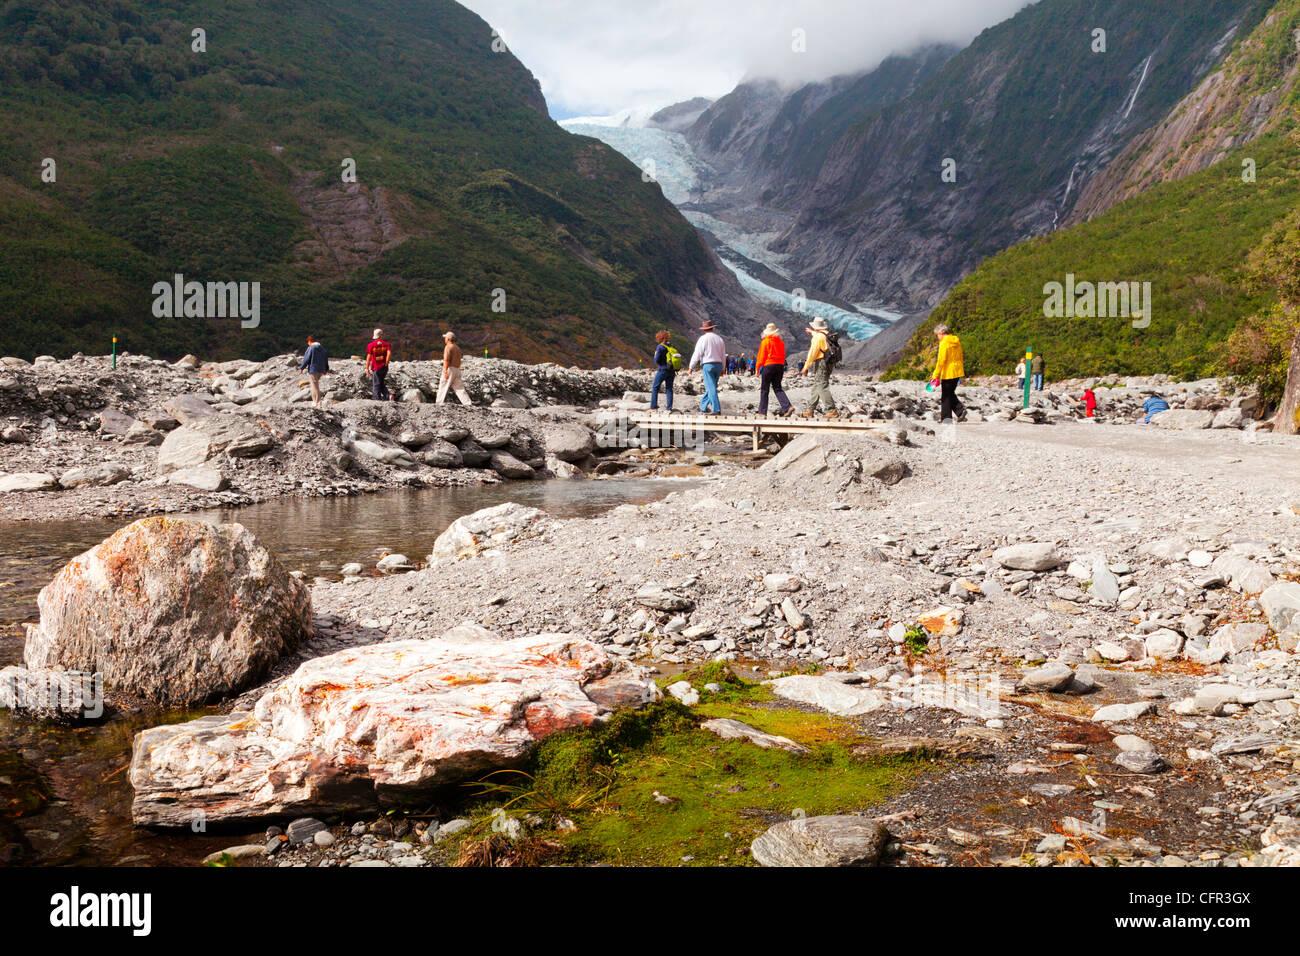 Los turistas que cruzan un puente cerca del glaciar Franz Josef, Costa oeste, Nueva Zelanda. Foto de stock